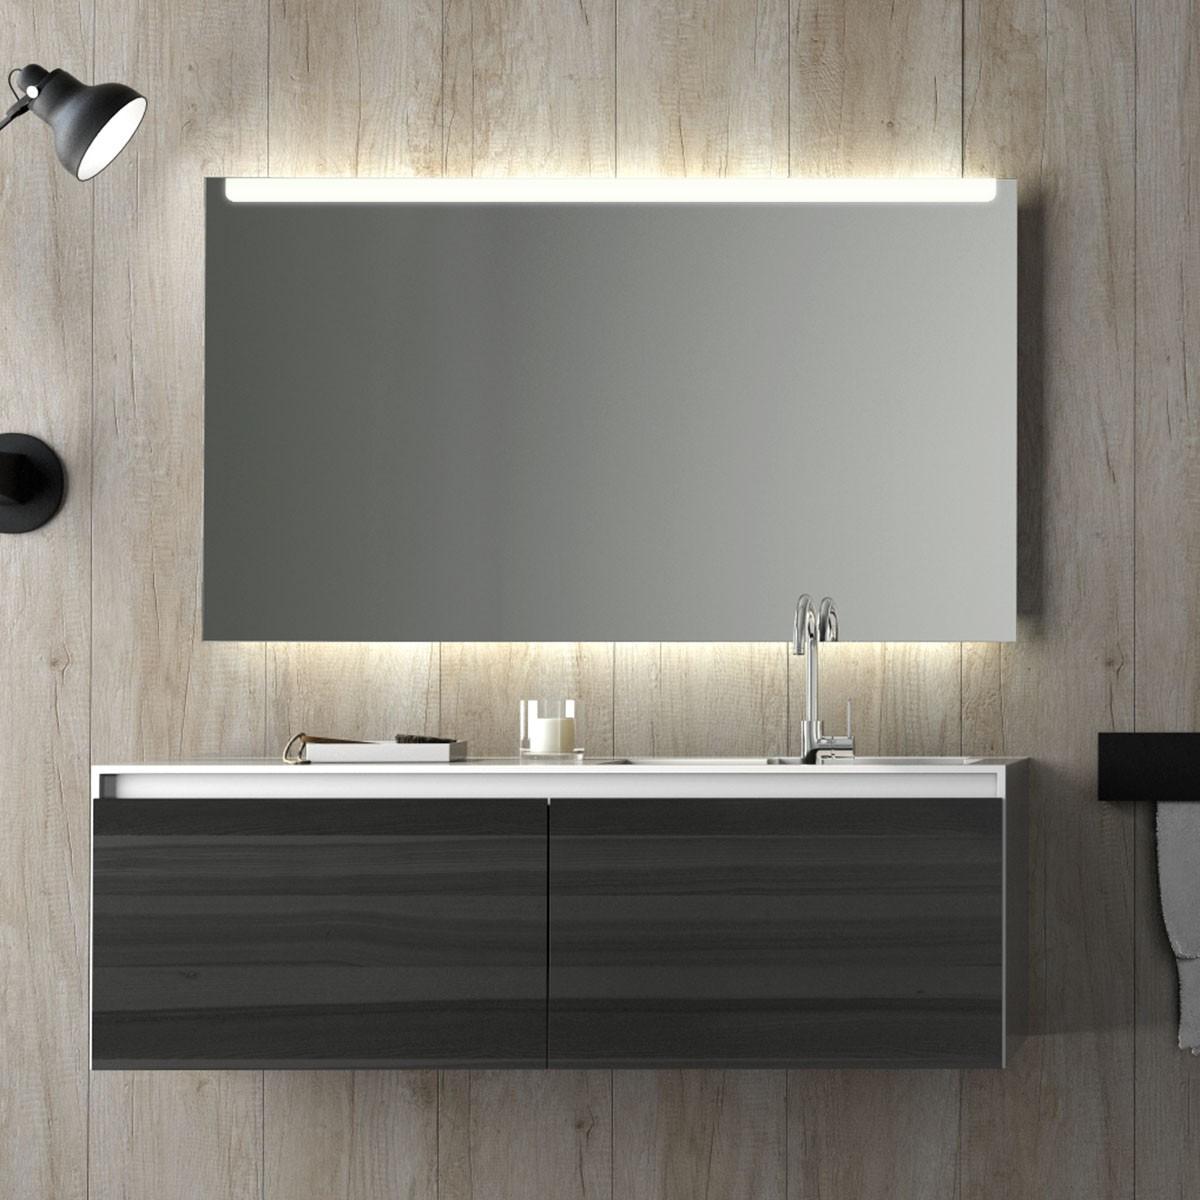 Relativ Badspiegel beleuchtet mit LED Puro 989706543 CR67